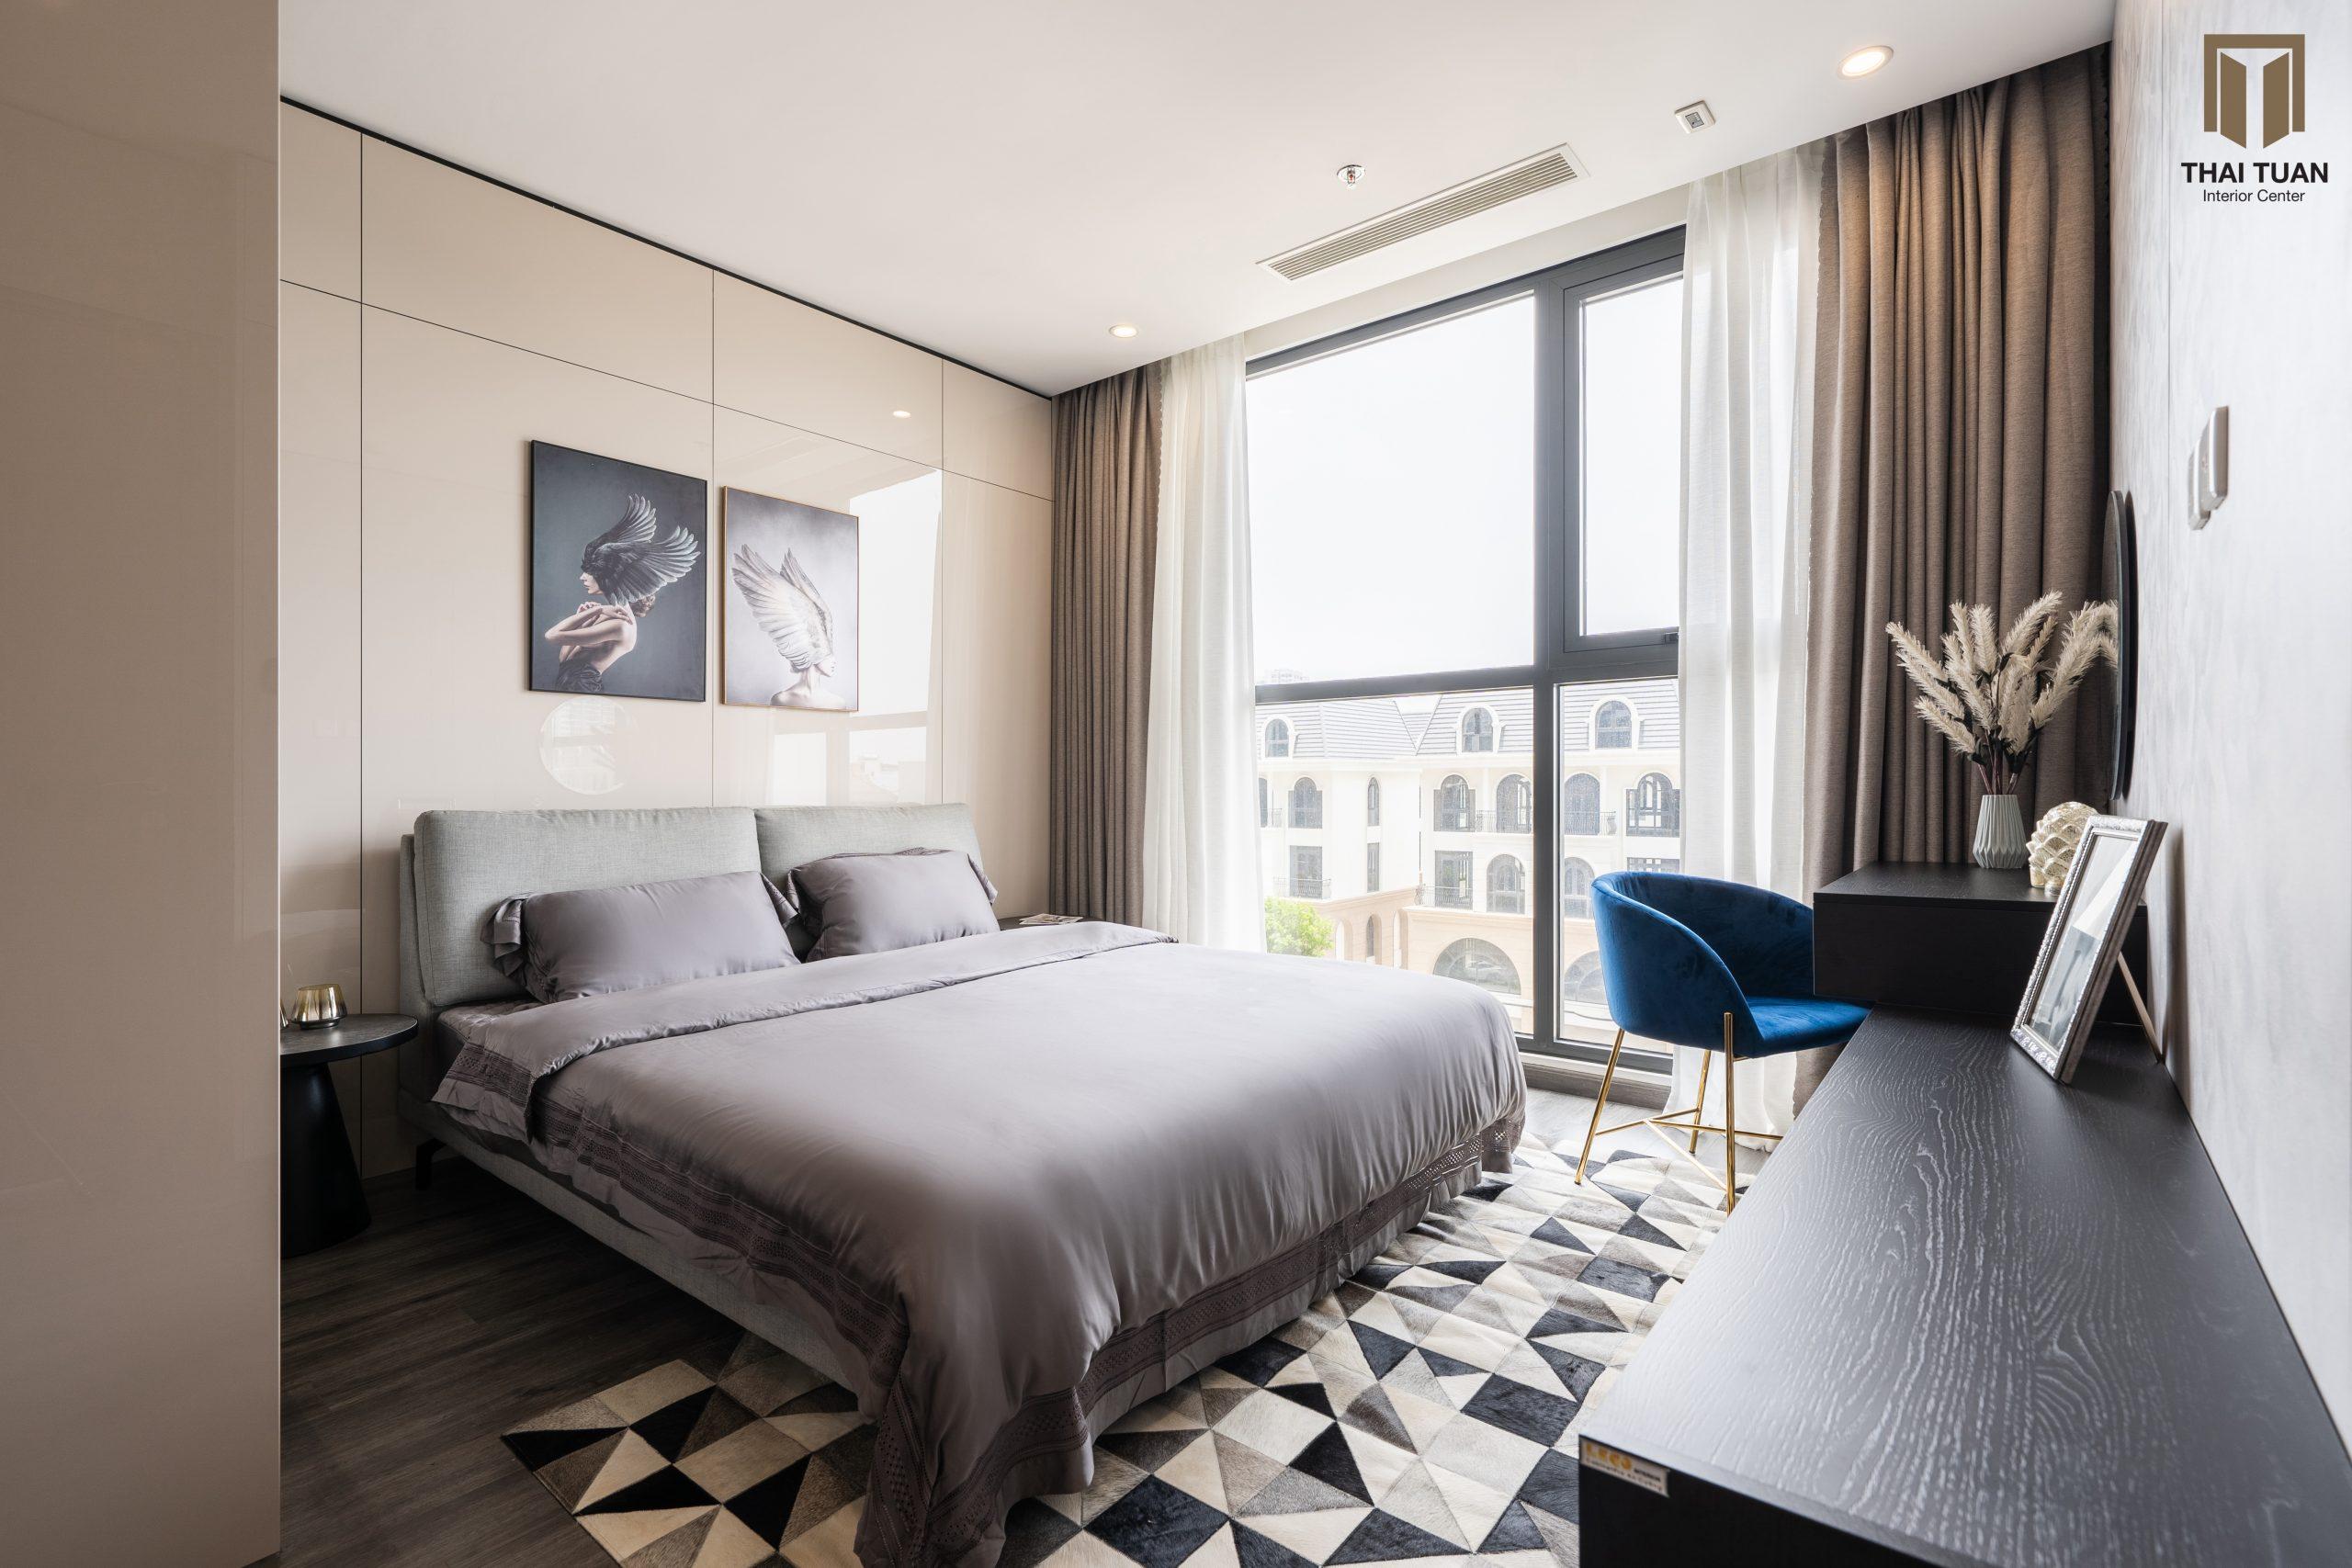 Phòng ngủ với tone màu trung tính